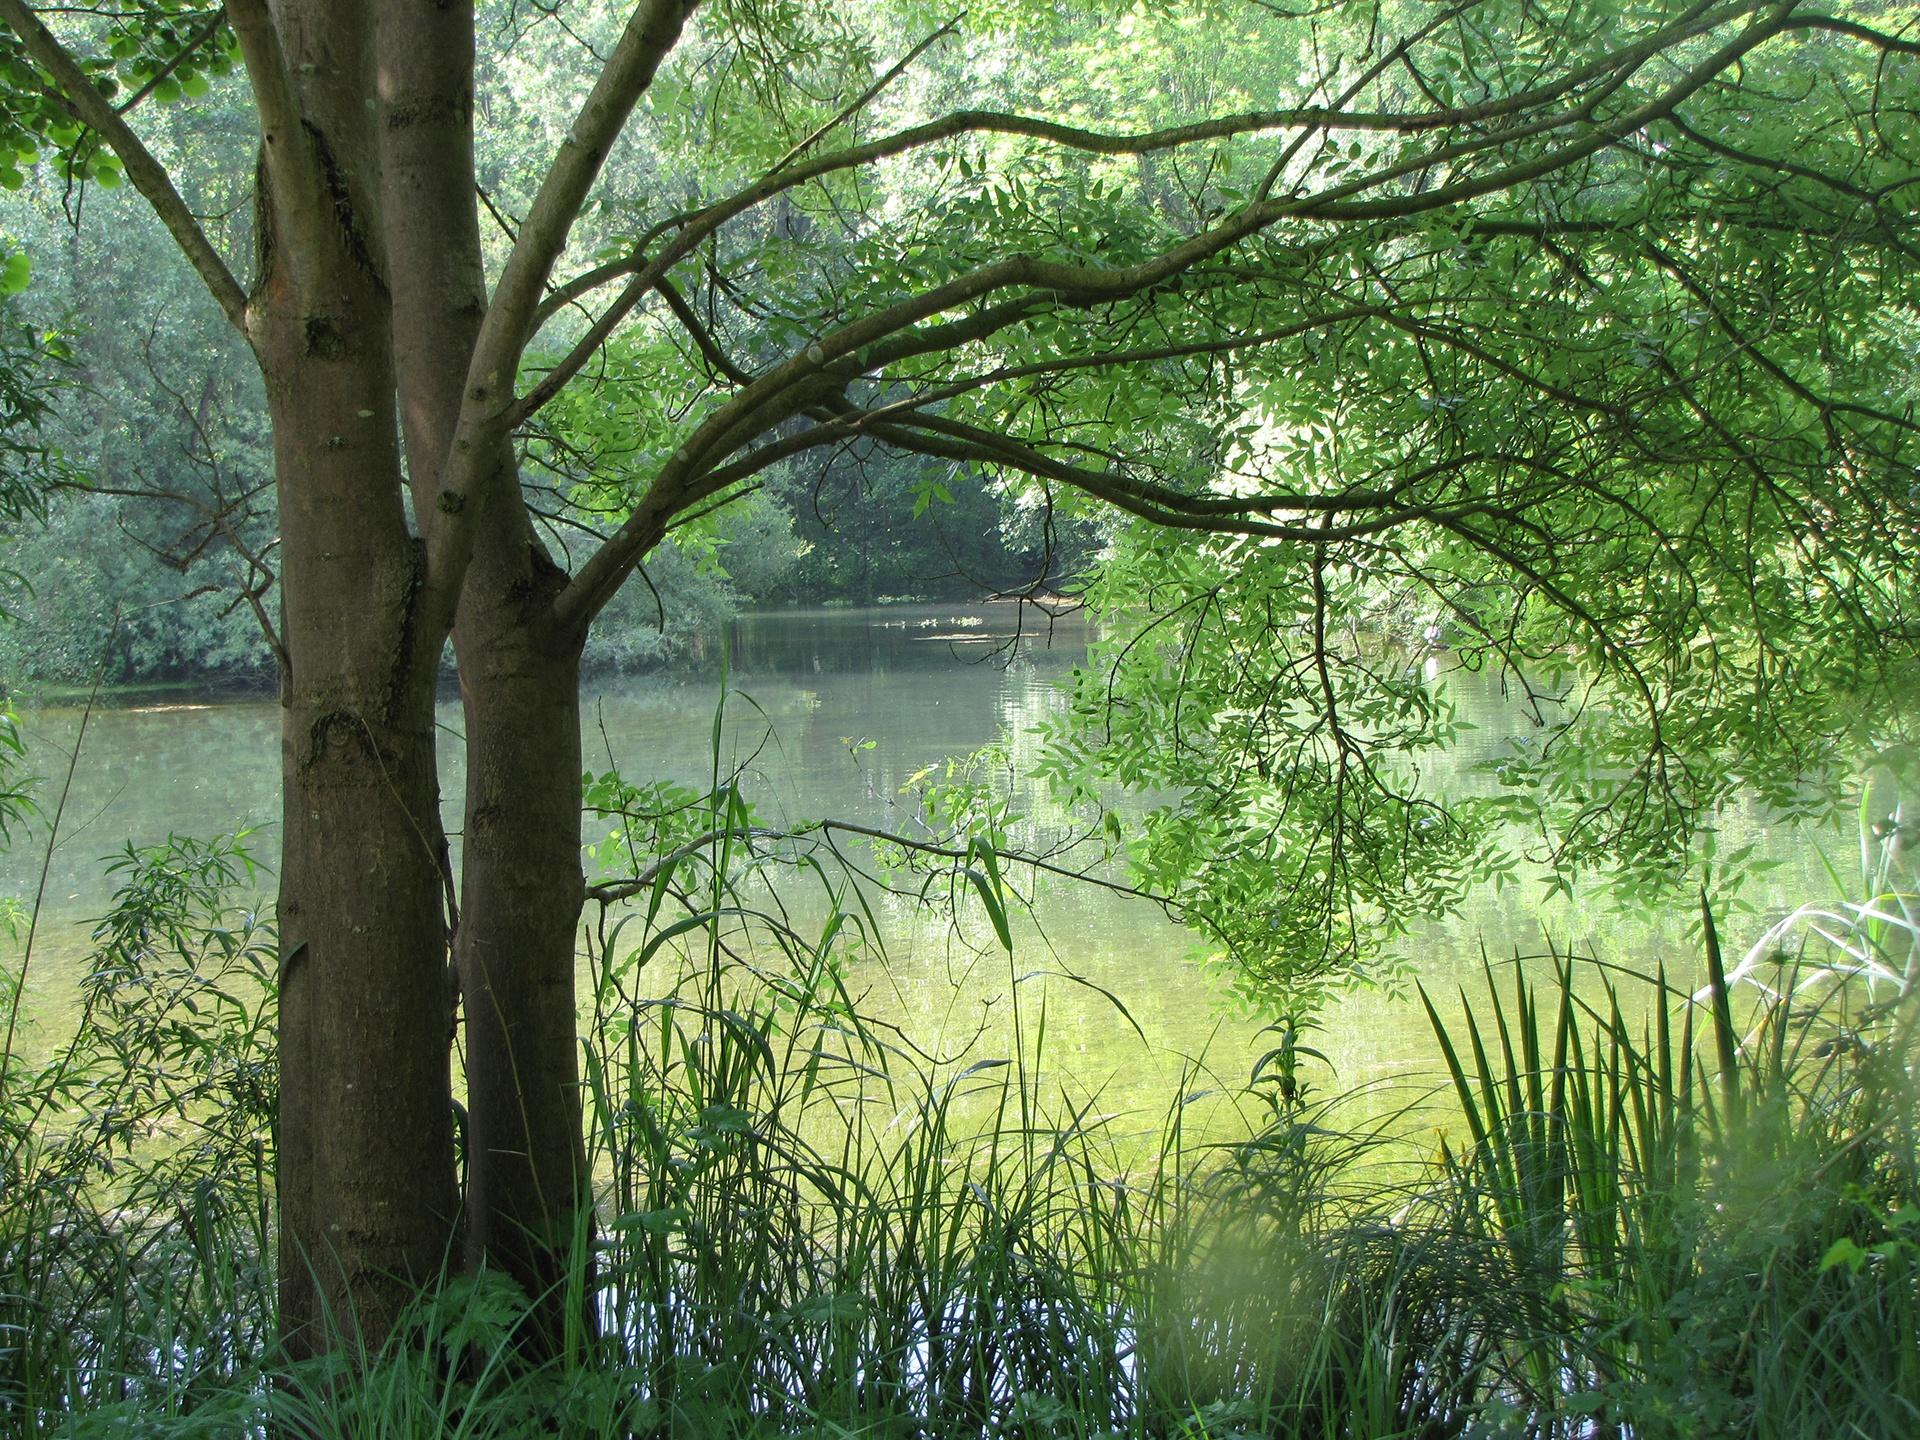 Ein Blick in die renaturierte Auenlandschaft des Schloss- und Auenparks